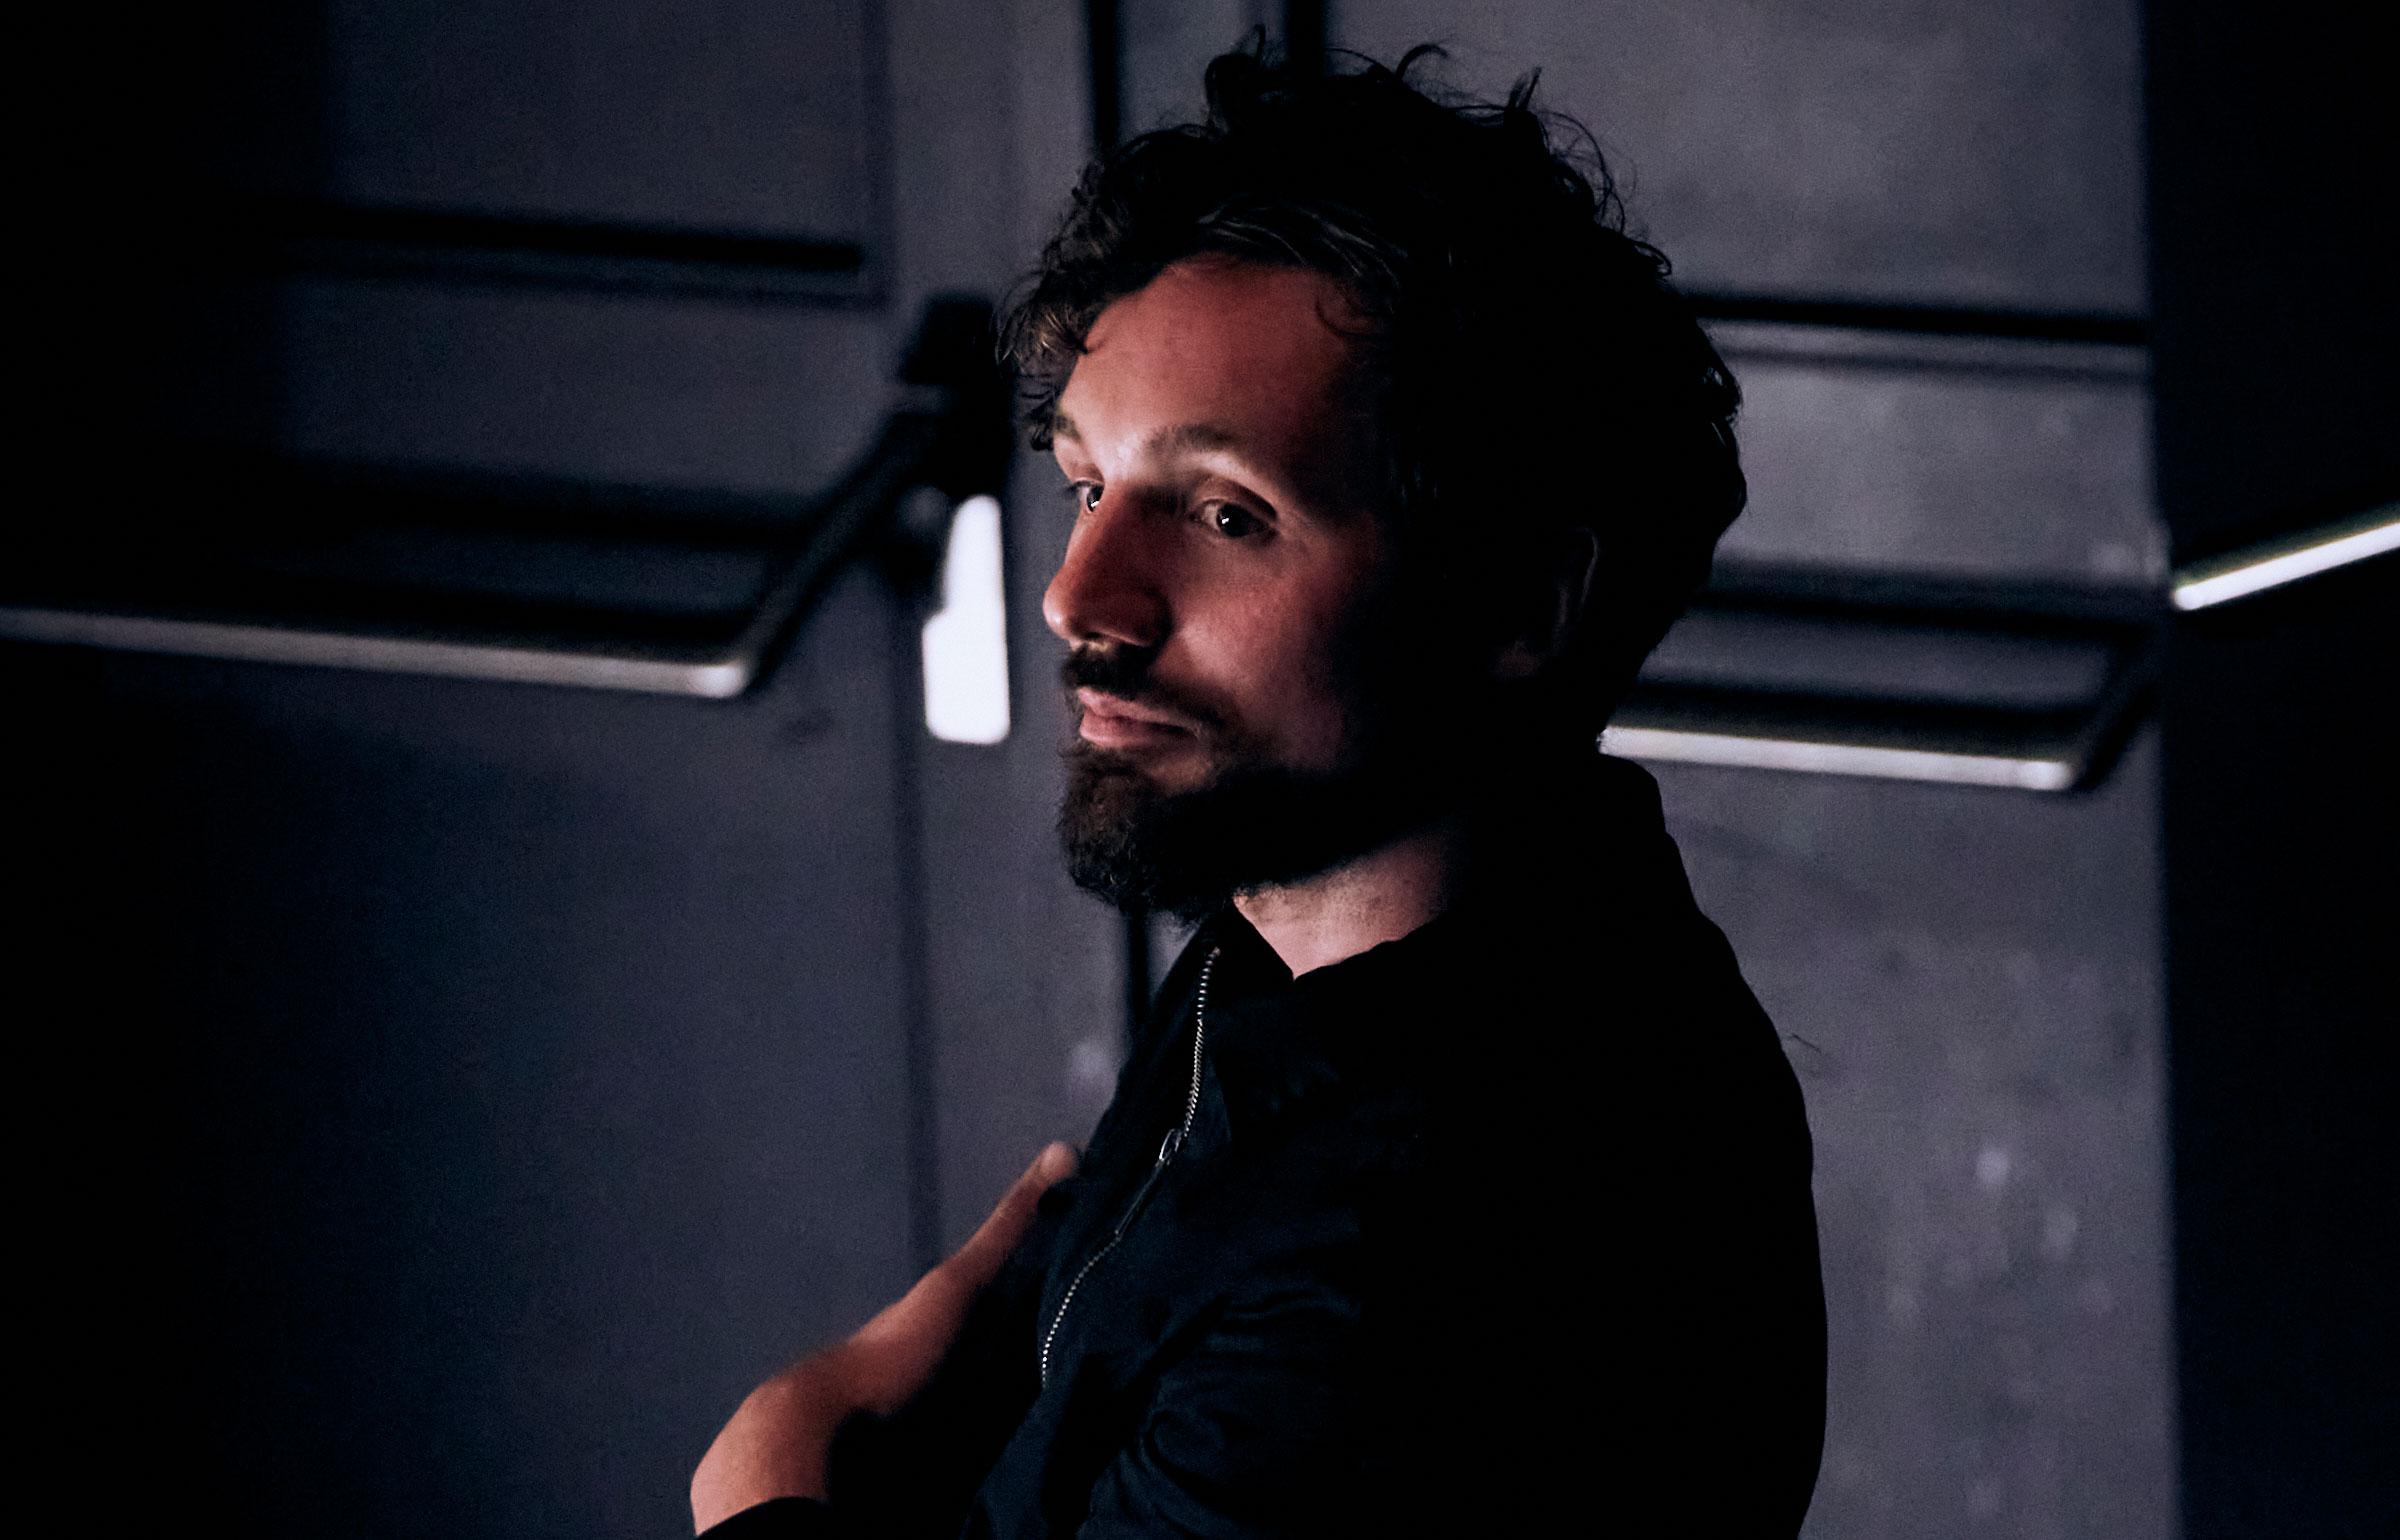 © Fabian Raabe. Justus Rothlaender ist vor einer schwarzen Tür mit Metallstangen aufgenommen, hat die Arme verschränkt und schaut im Halbprofil in den Raum. Er trägt ein schwarzes Hemd. Seine schwarzen kurzen lockigen Haare und der schwarze Bart korrespondieren mit dem dunklen Hintergrund.